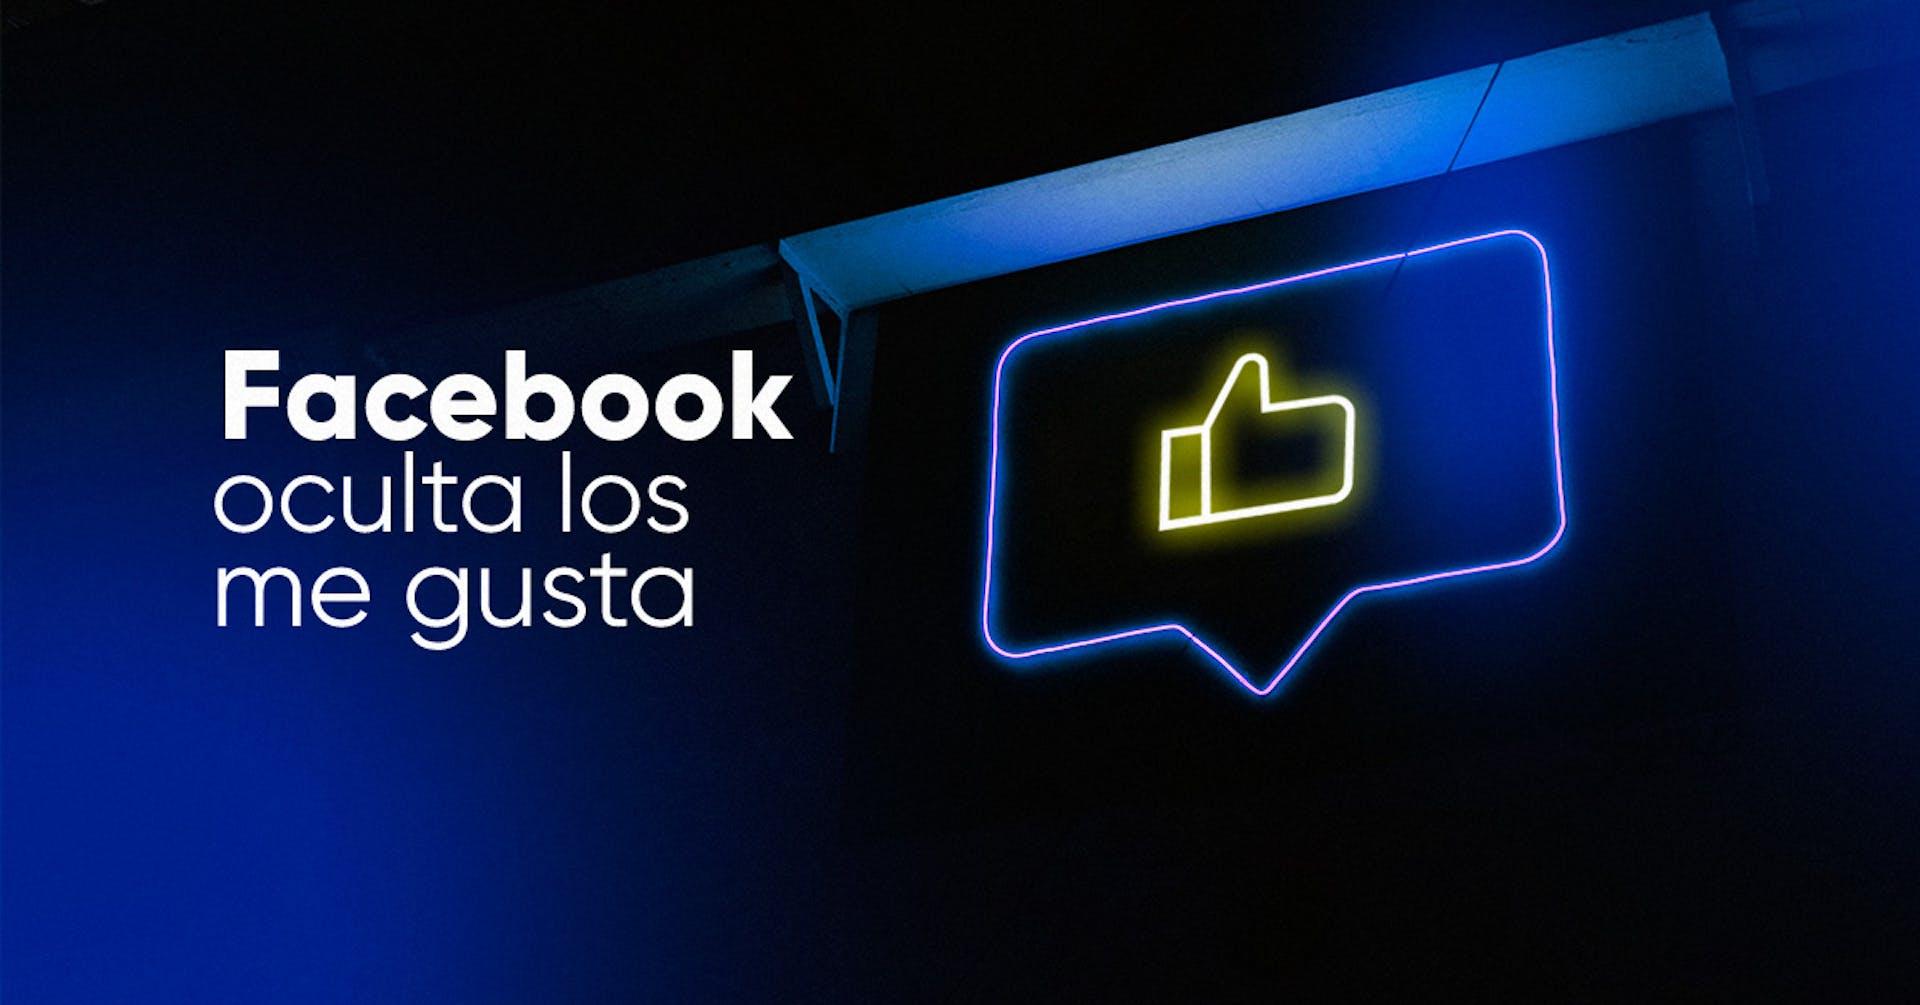 """Facebook empieza a ocultar los """"me gusta"""" de las publicaciones"""